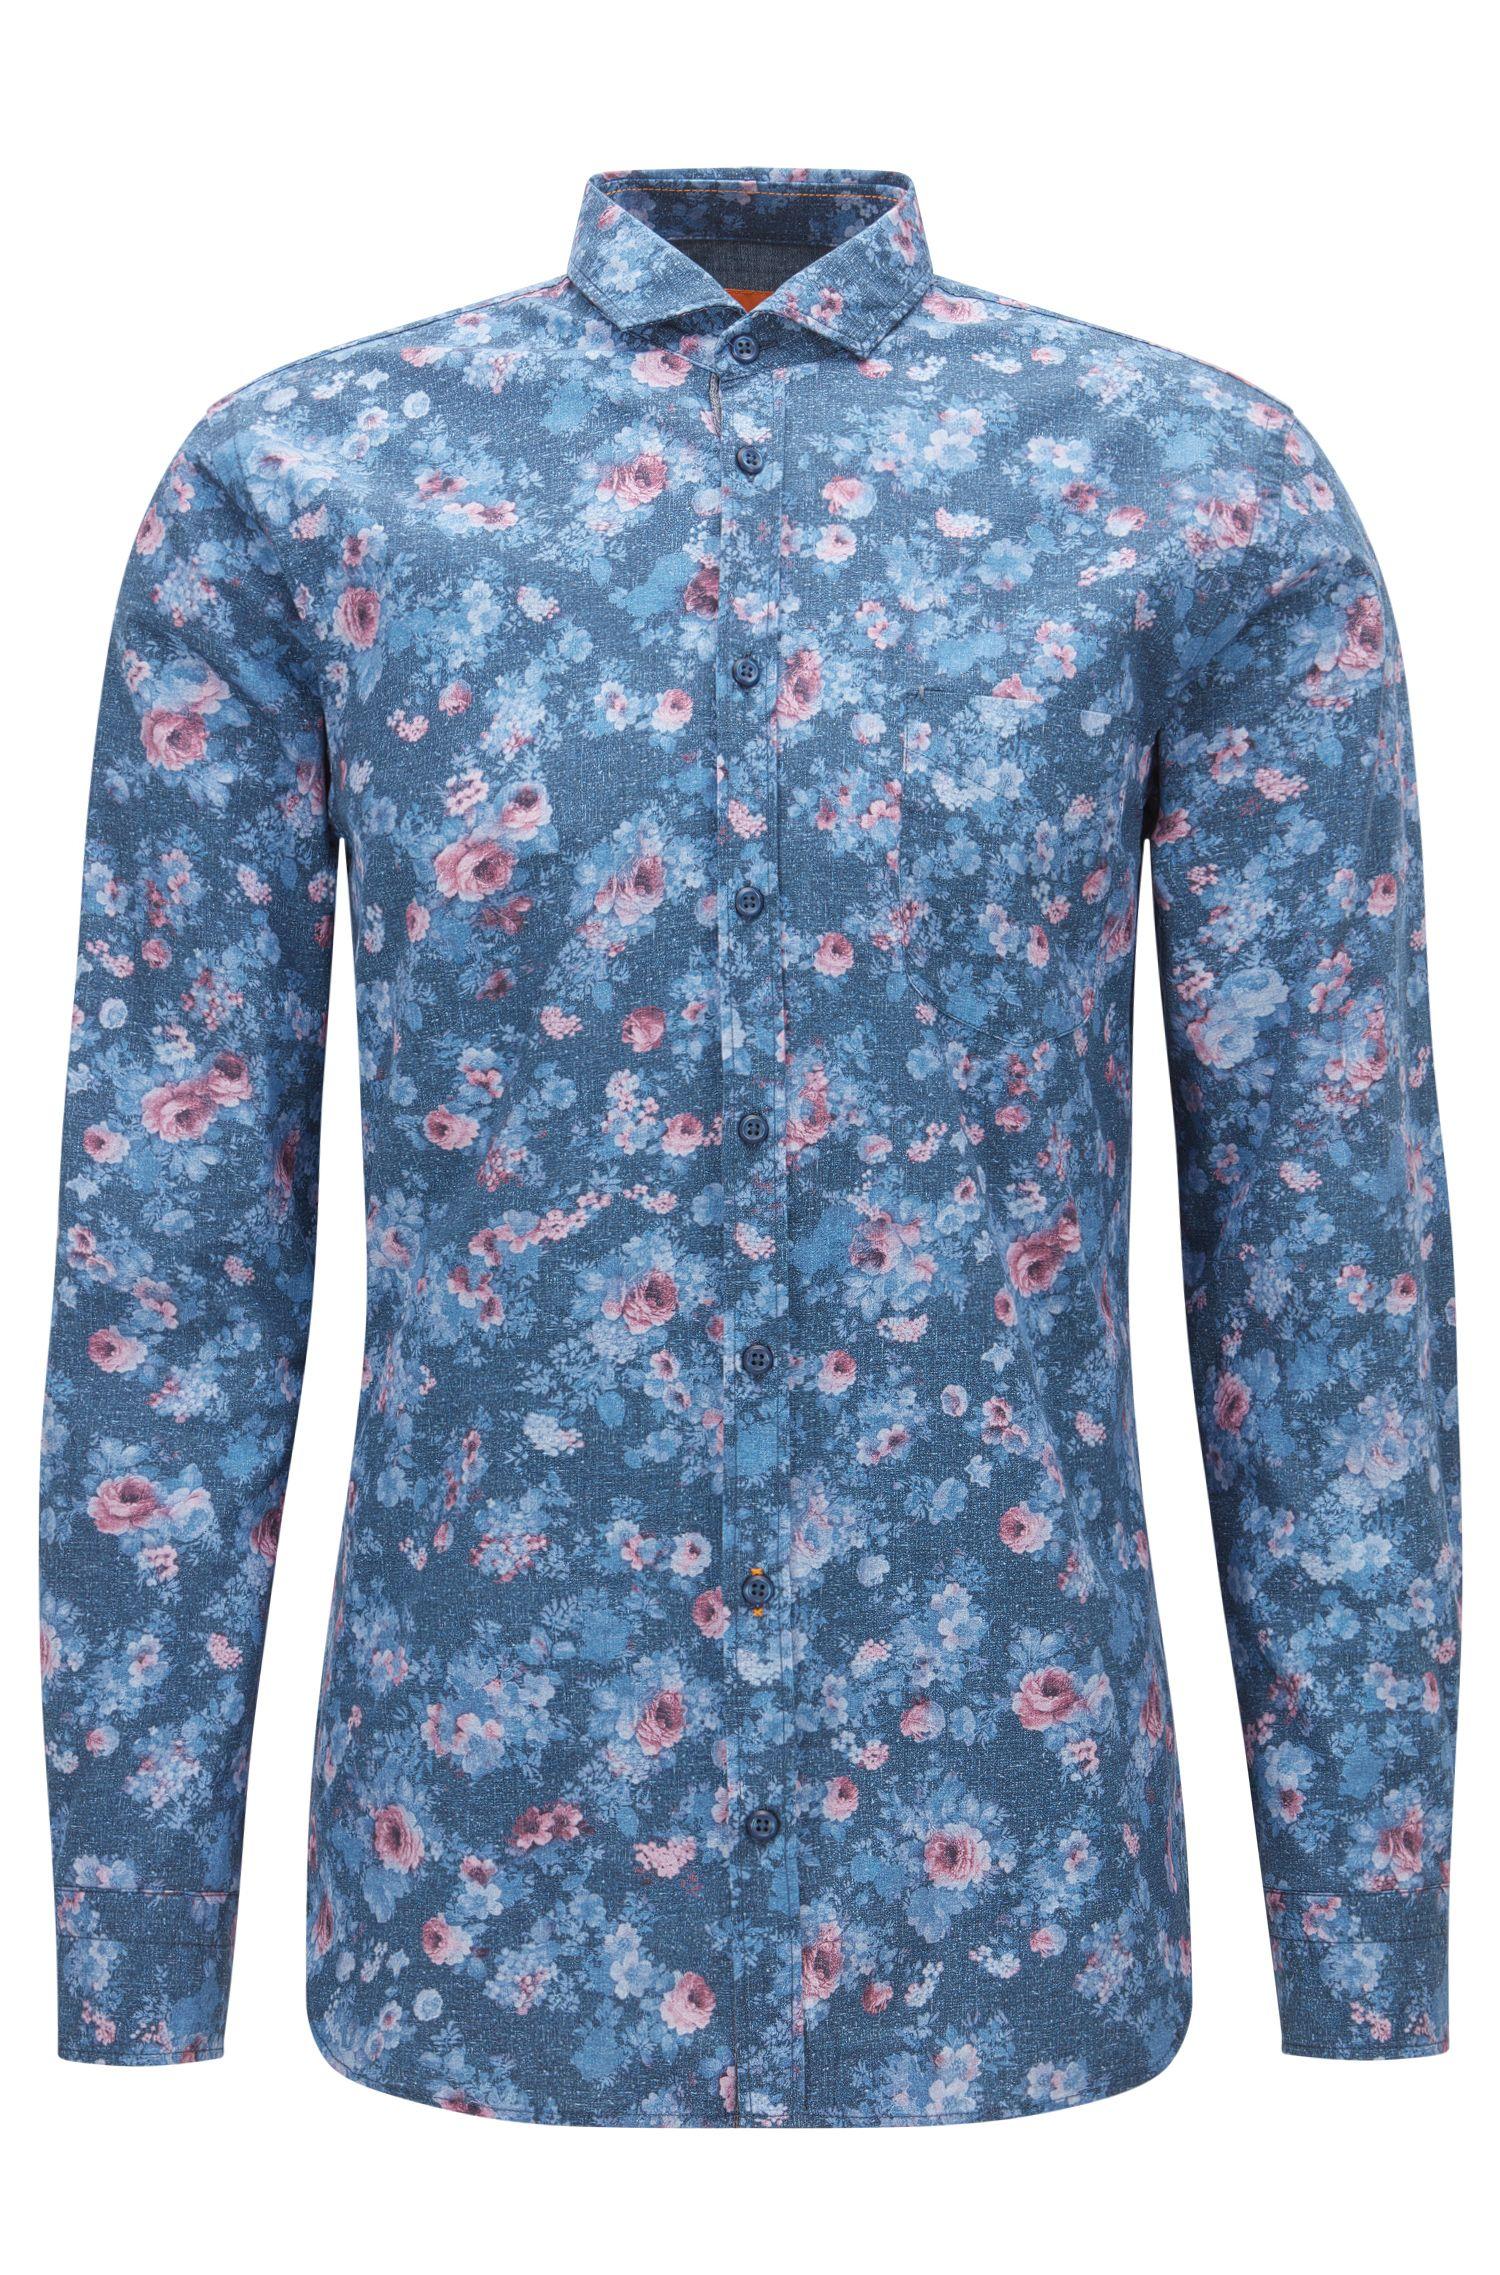 Floral Cotton Button Down Shirt, Slim Fit | Cattitude